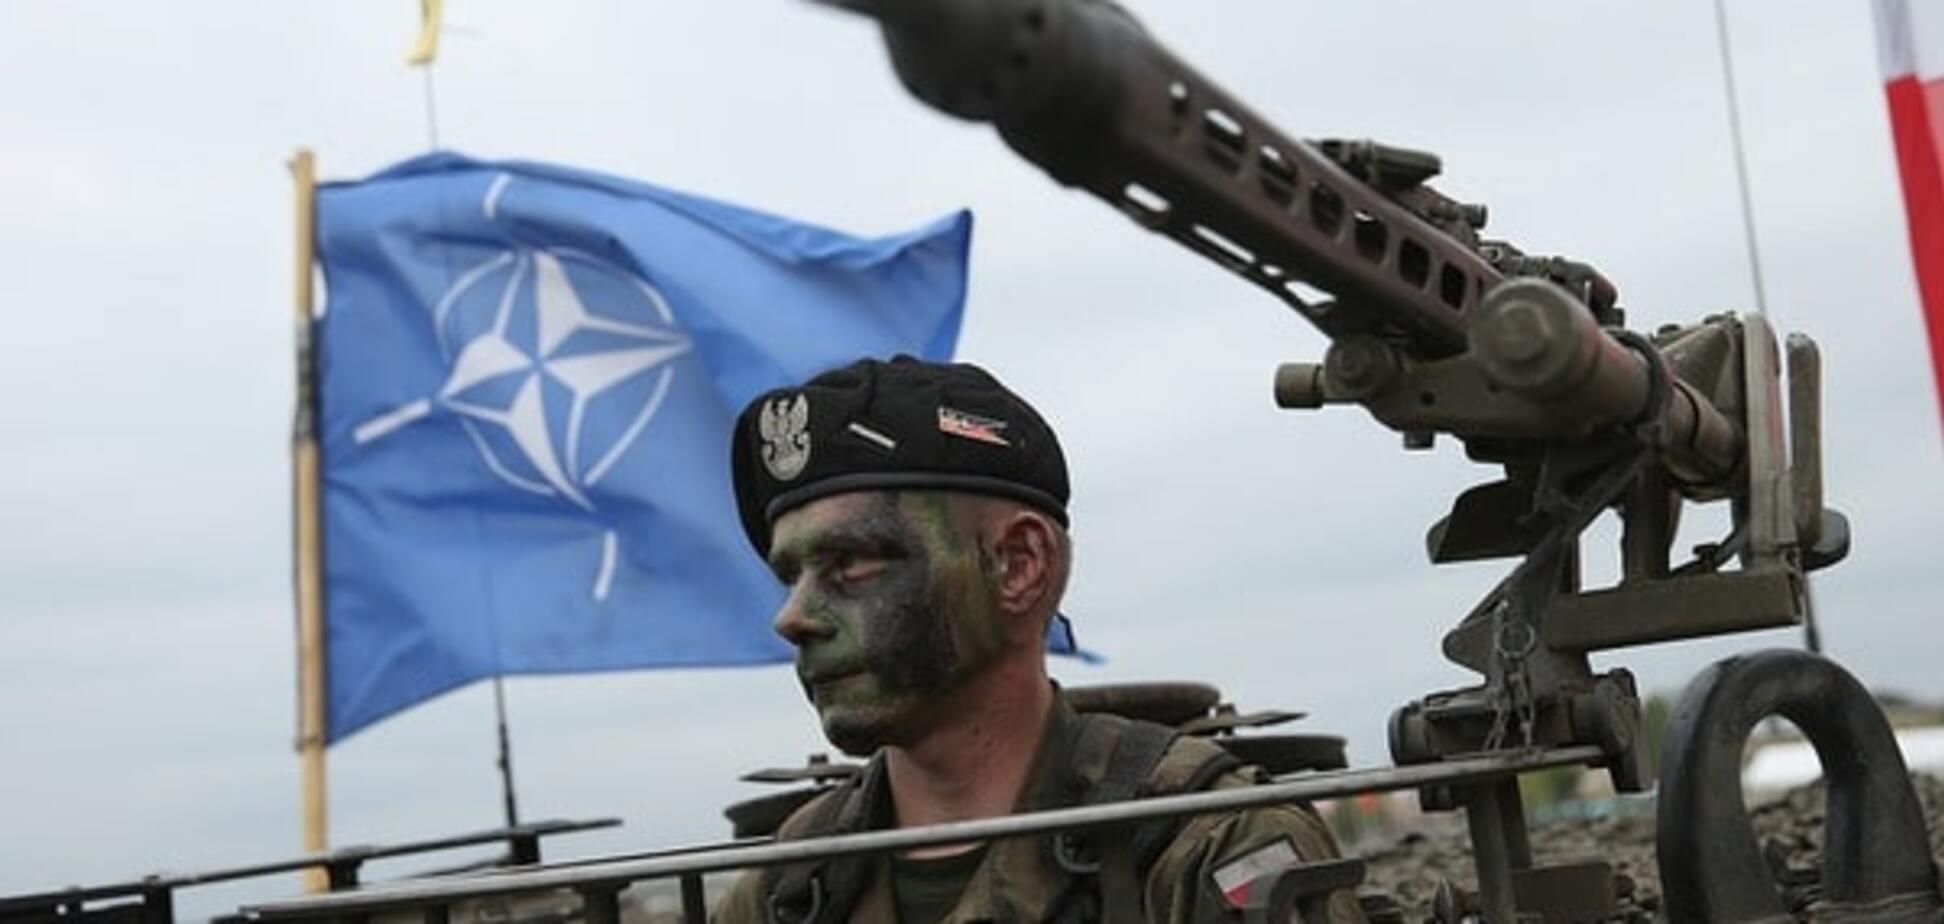 У 'ЛНР' поширюють страшилку про прибуття на Донбас 'польського підрозділу' НАТО